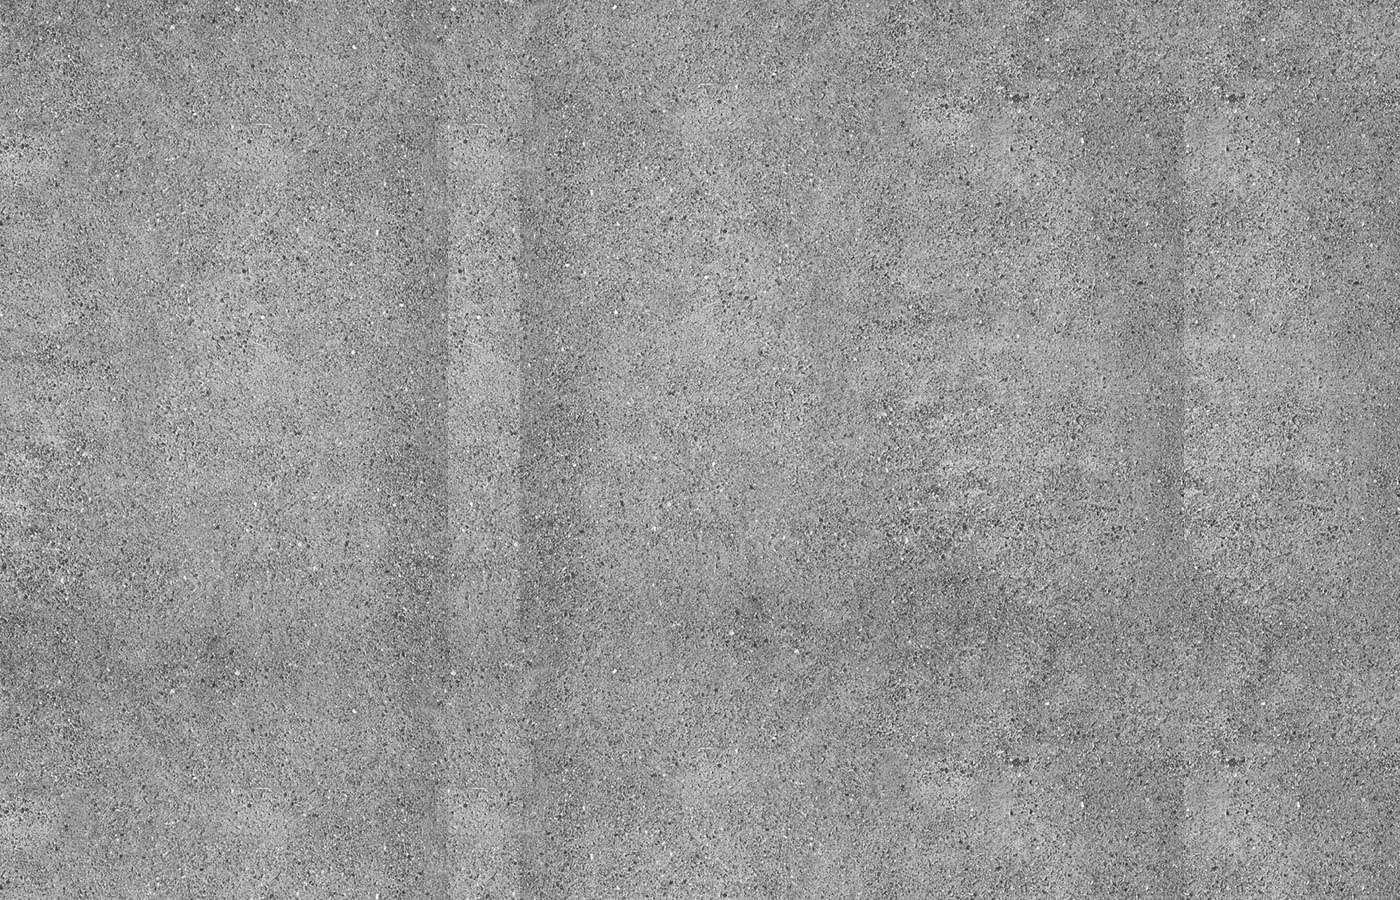 бетон одинцовский район